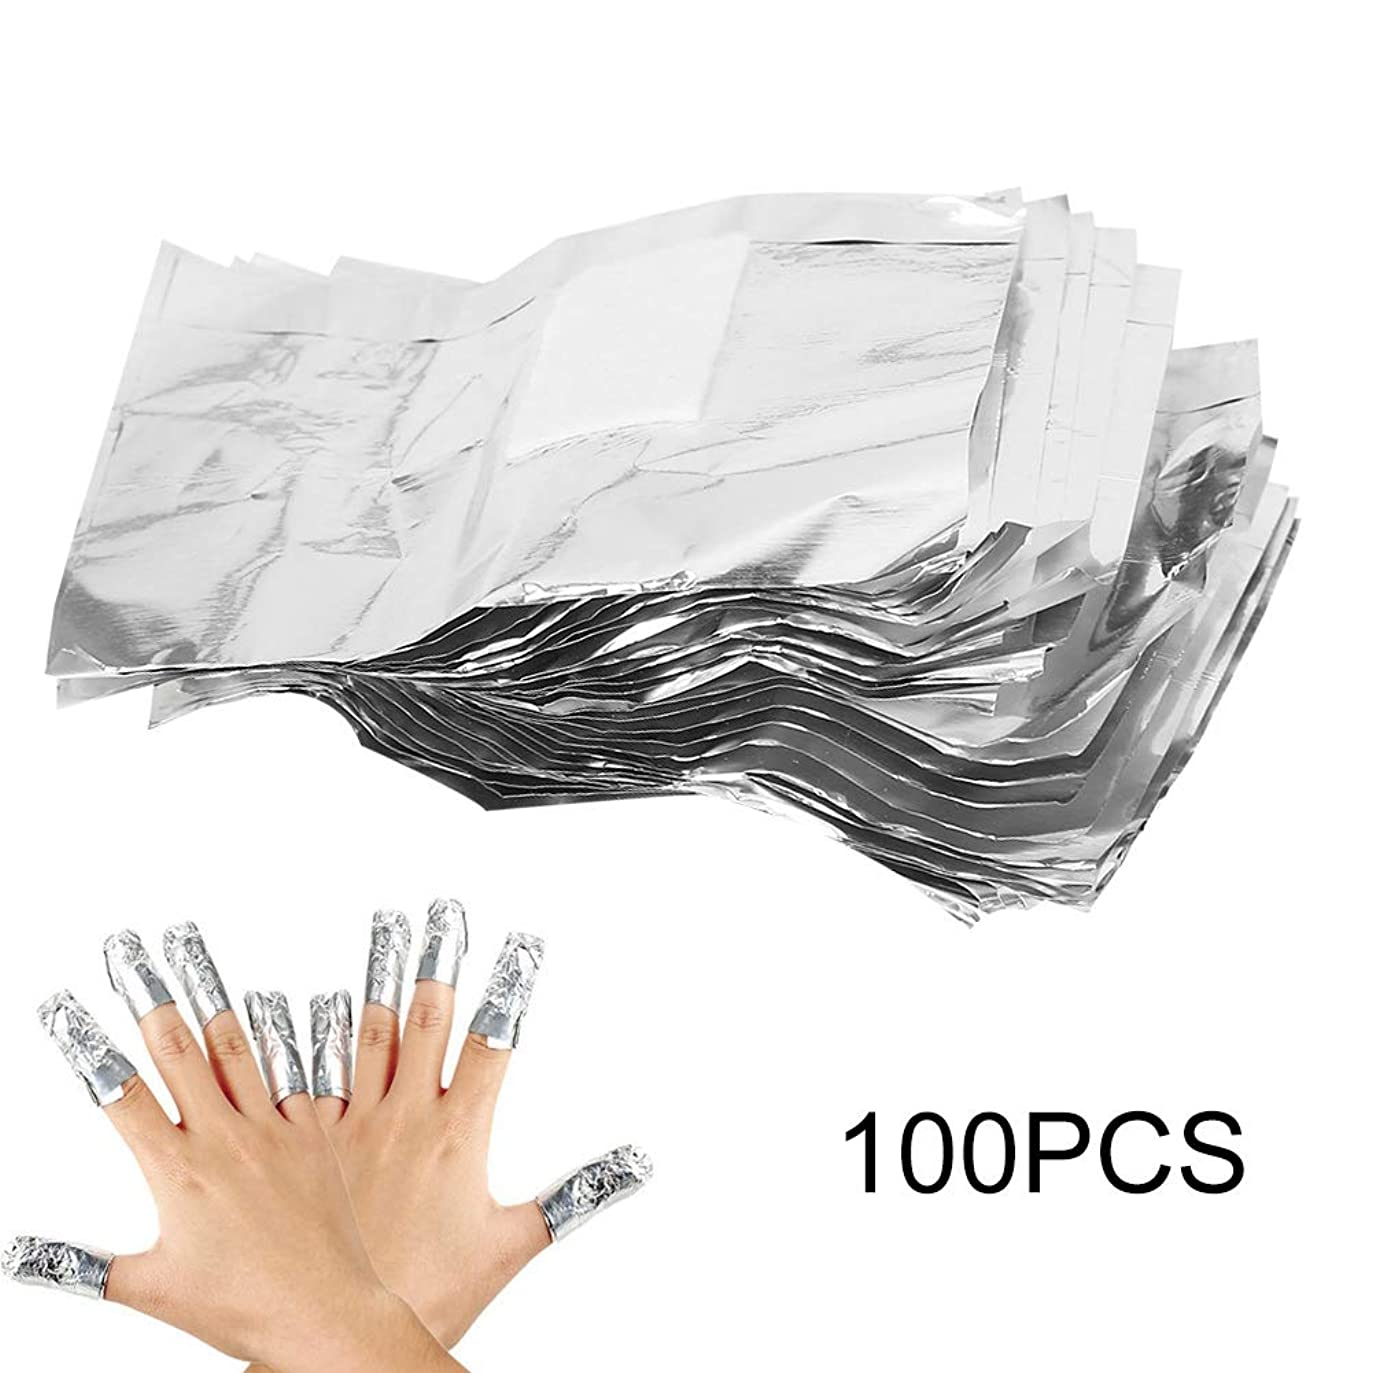 逃げる語周りネイルポリッシュリムーバークリップ マニキュアの除去剤 錫ホイル 100Pcs オレンジ 色棒付き紫外線ゲルの除去剤の綿パッドを包みます